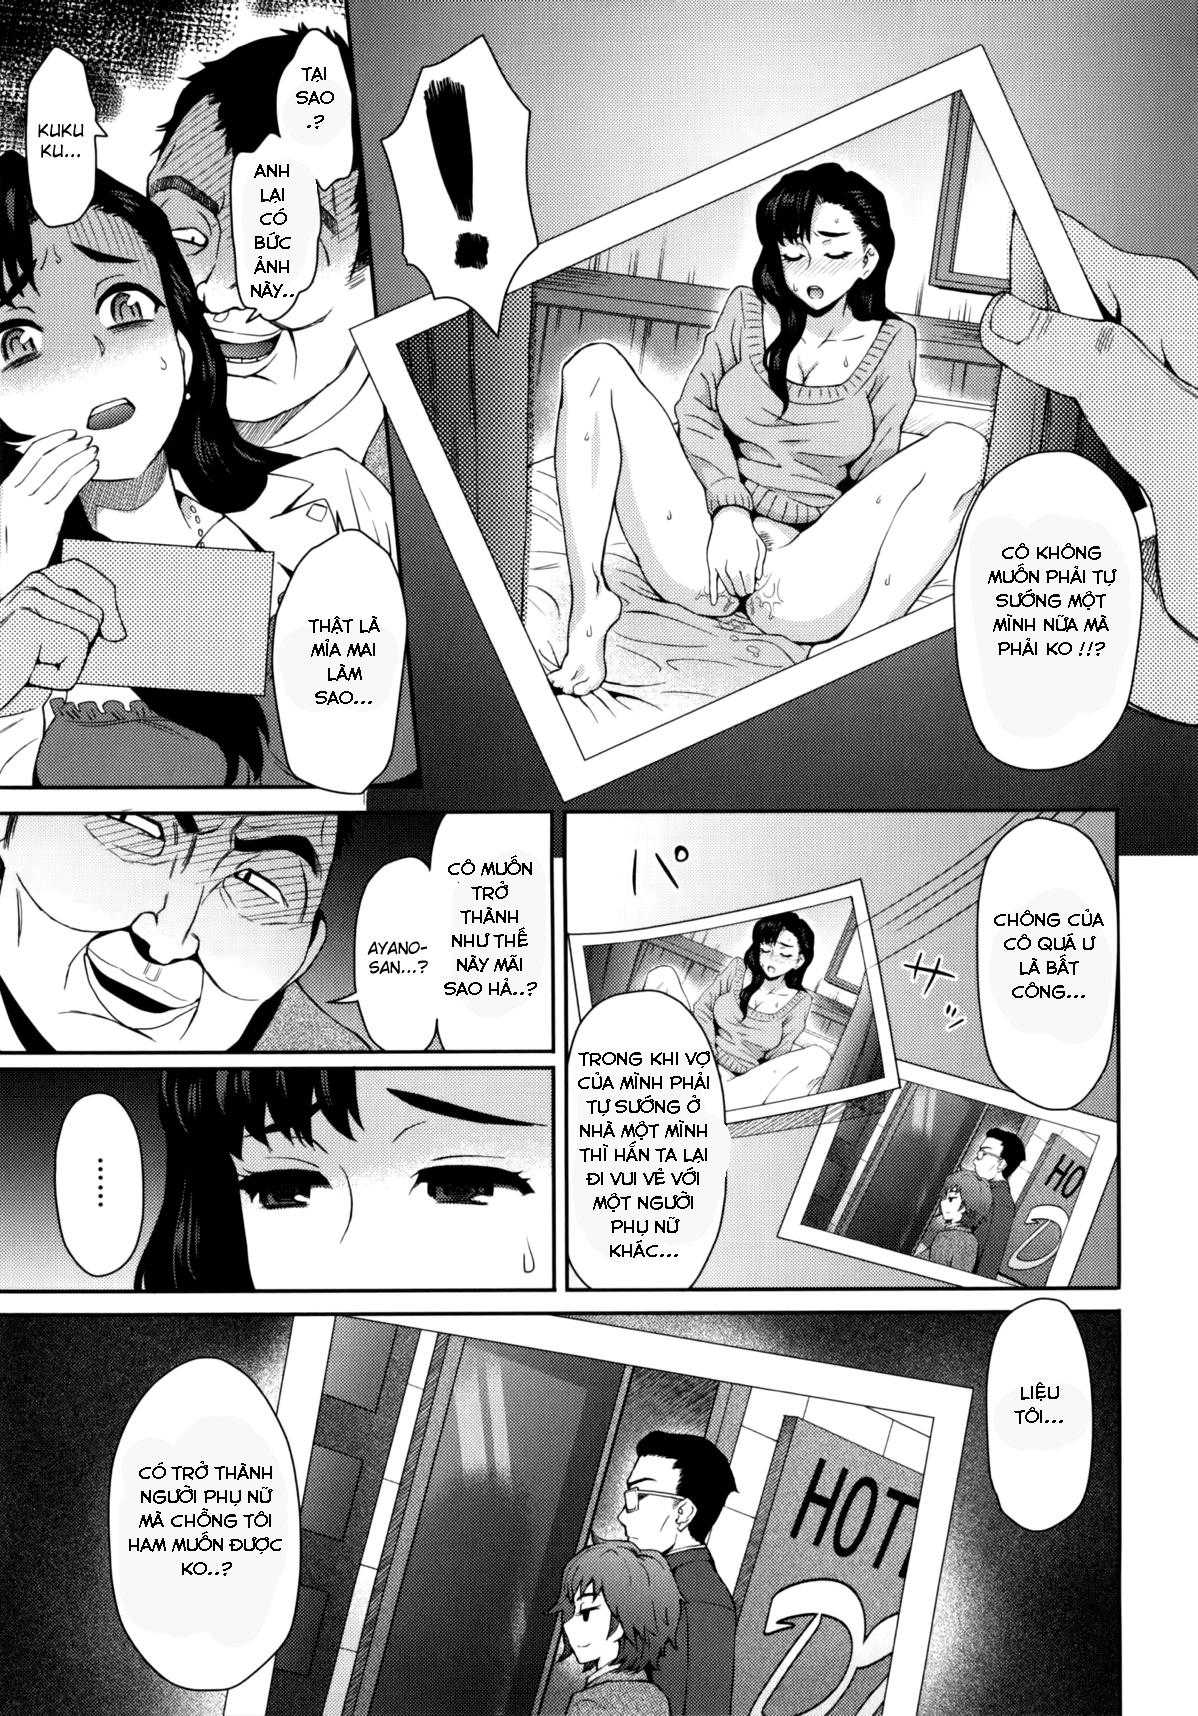 HentaiVN.net - Ảnh 8 - Cái Giá Của Ngoại Tình - Risou no Tsuma | An Ideal Wife - Oneshot